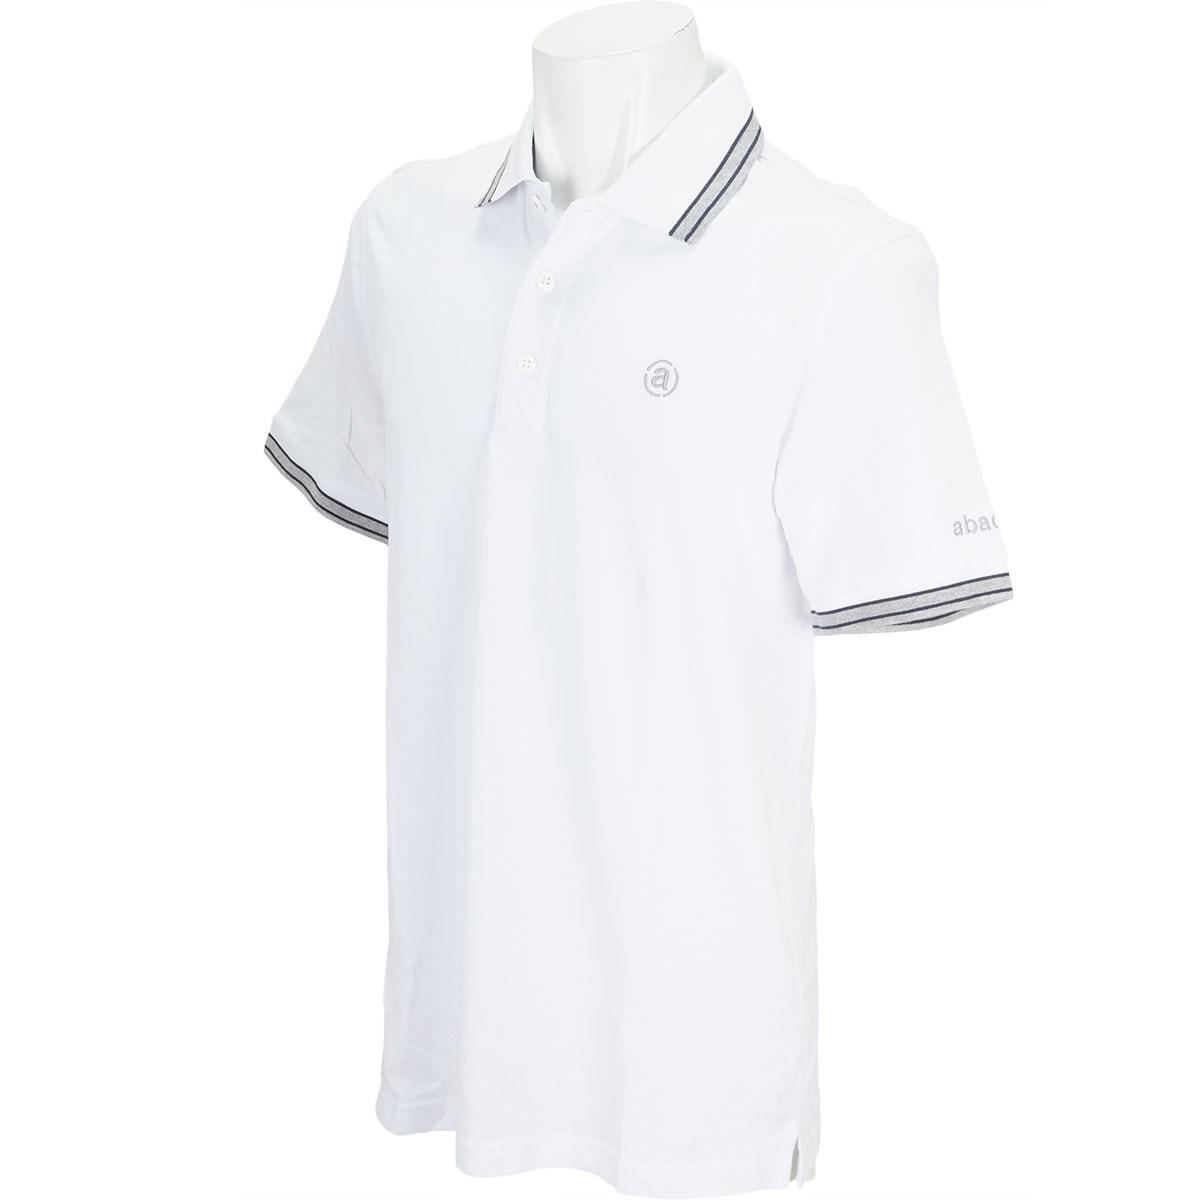 アバカス ABACUS 半袖ポロシャツ S ホワイト